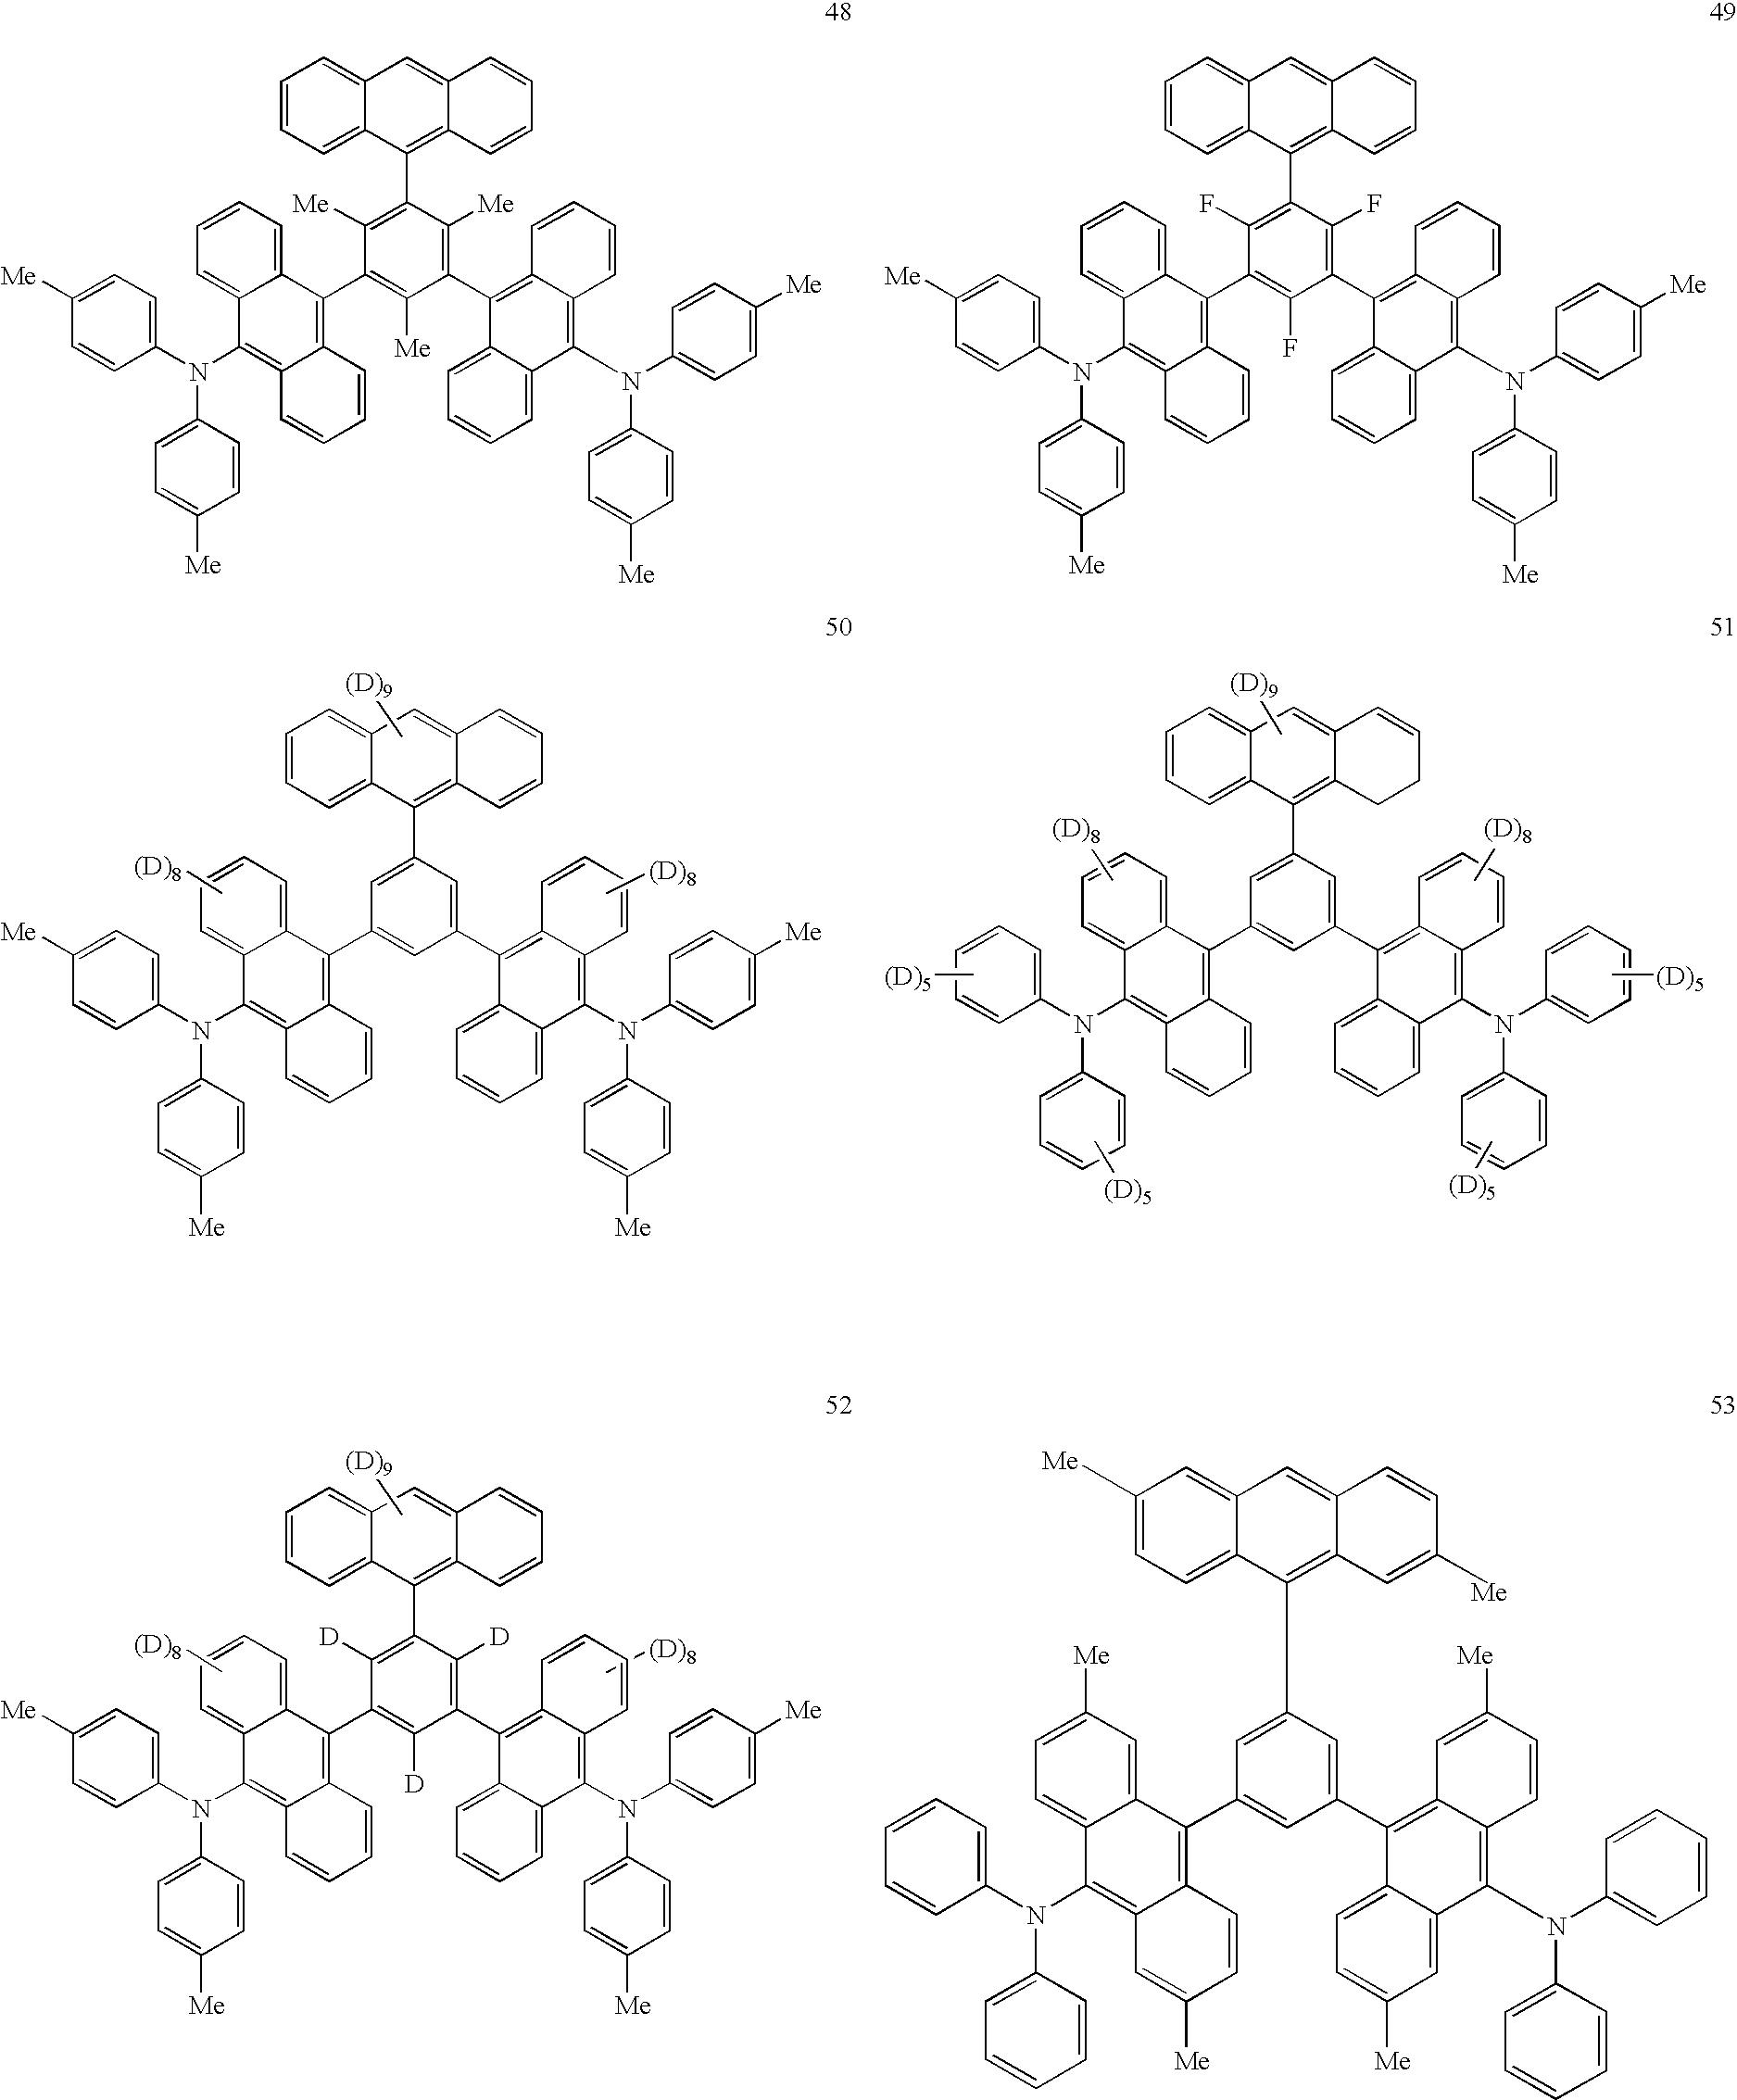 Figure US07375250-20080520-C00017